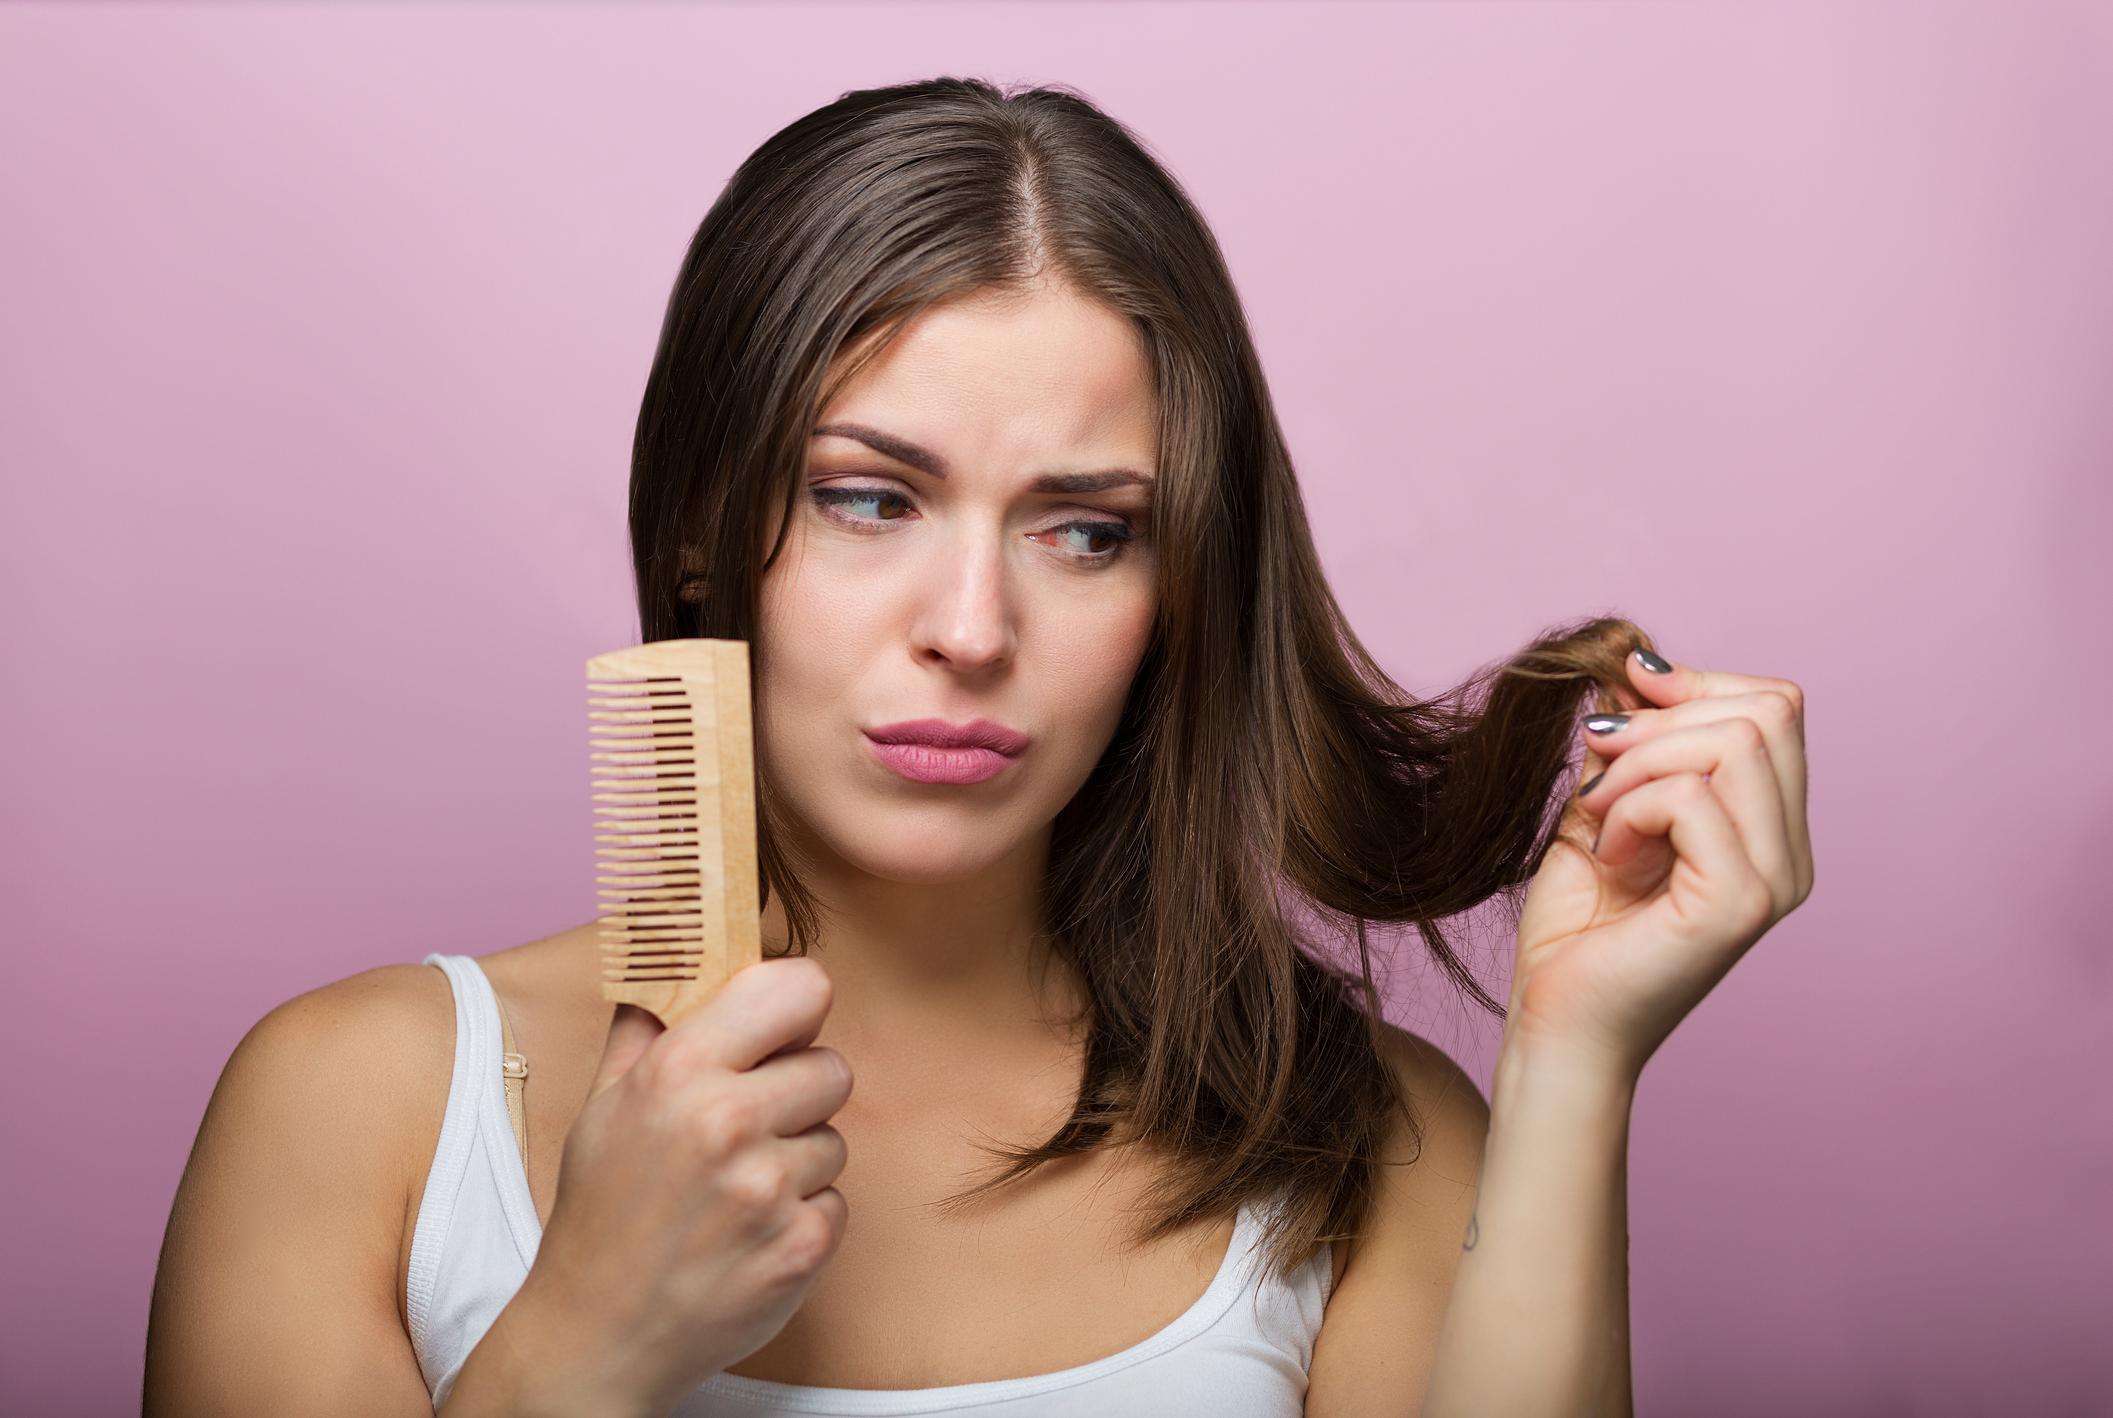 Zapach może przyspieszyć wzrost włosów? Potwierdzają to eksperci!